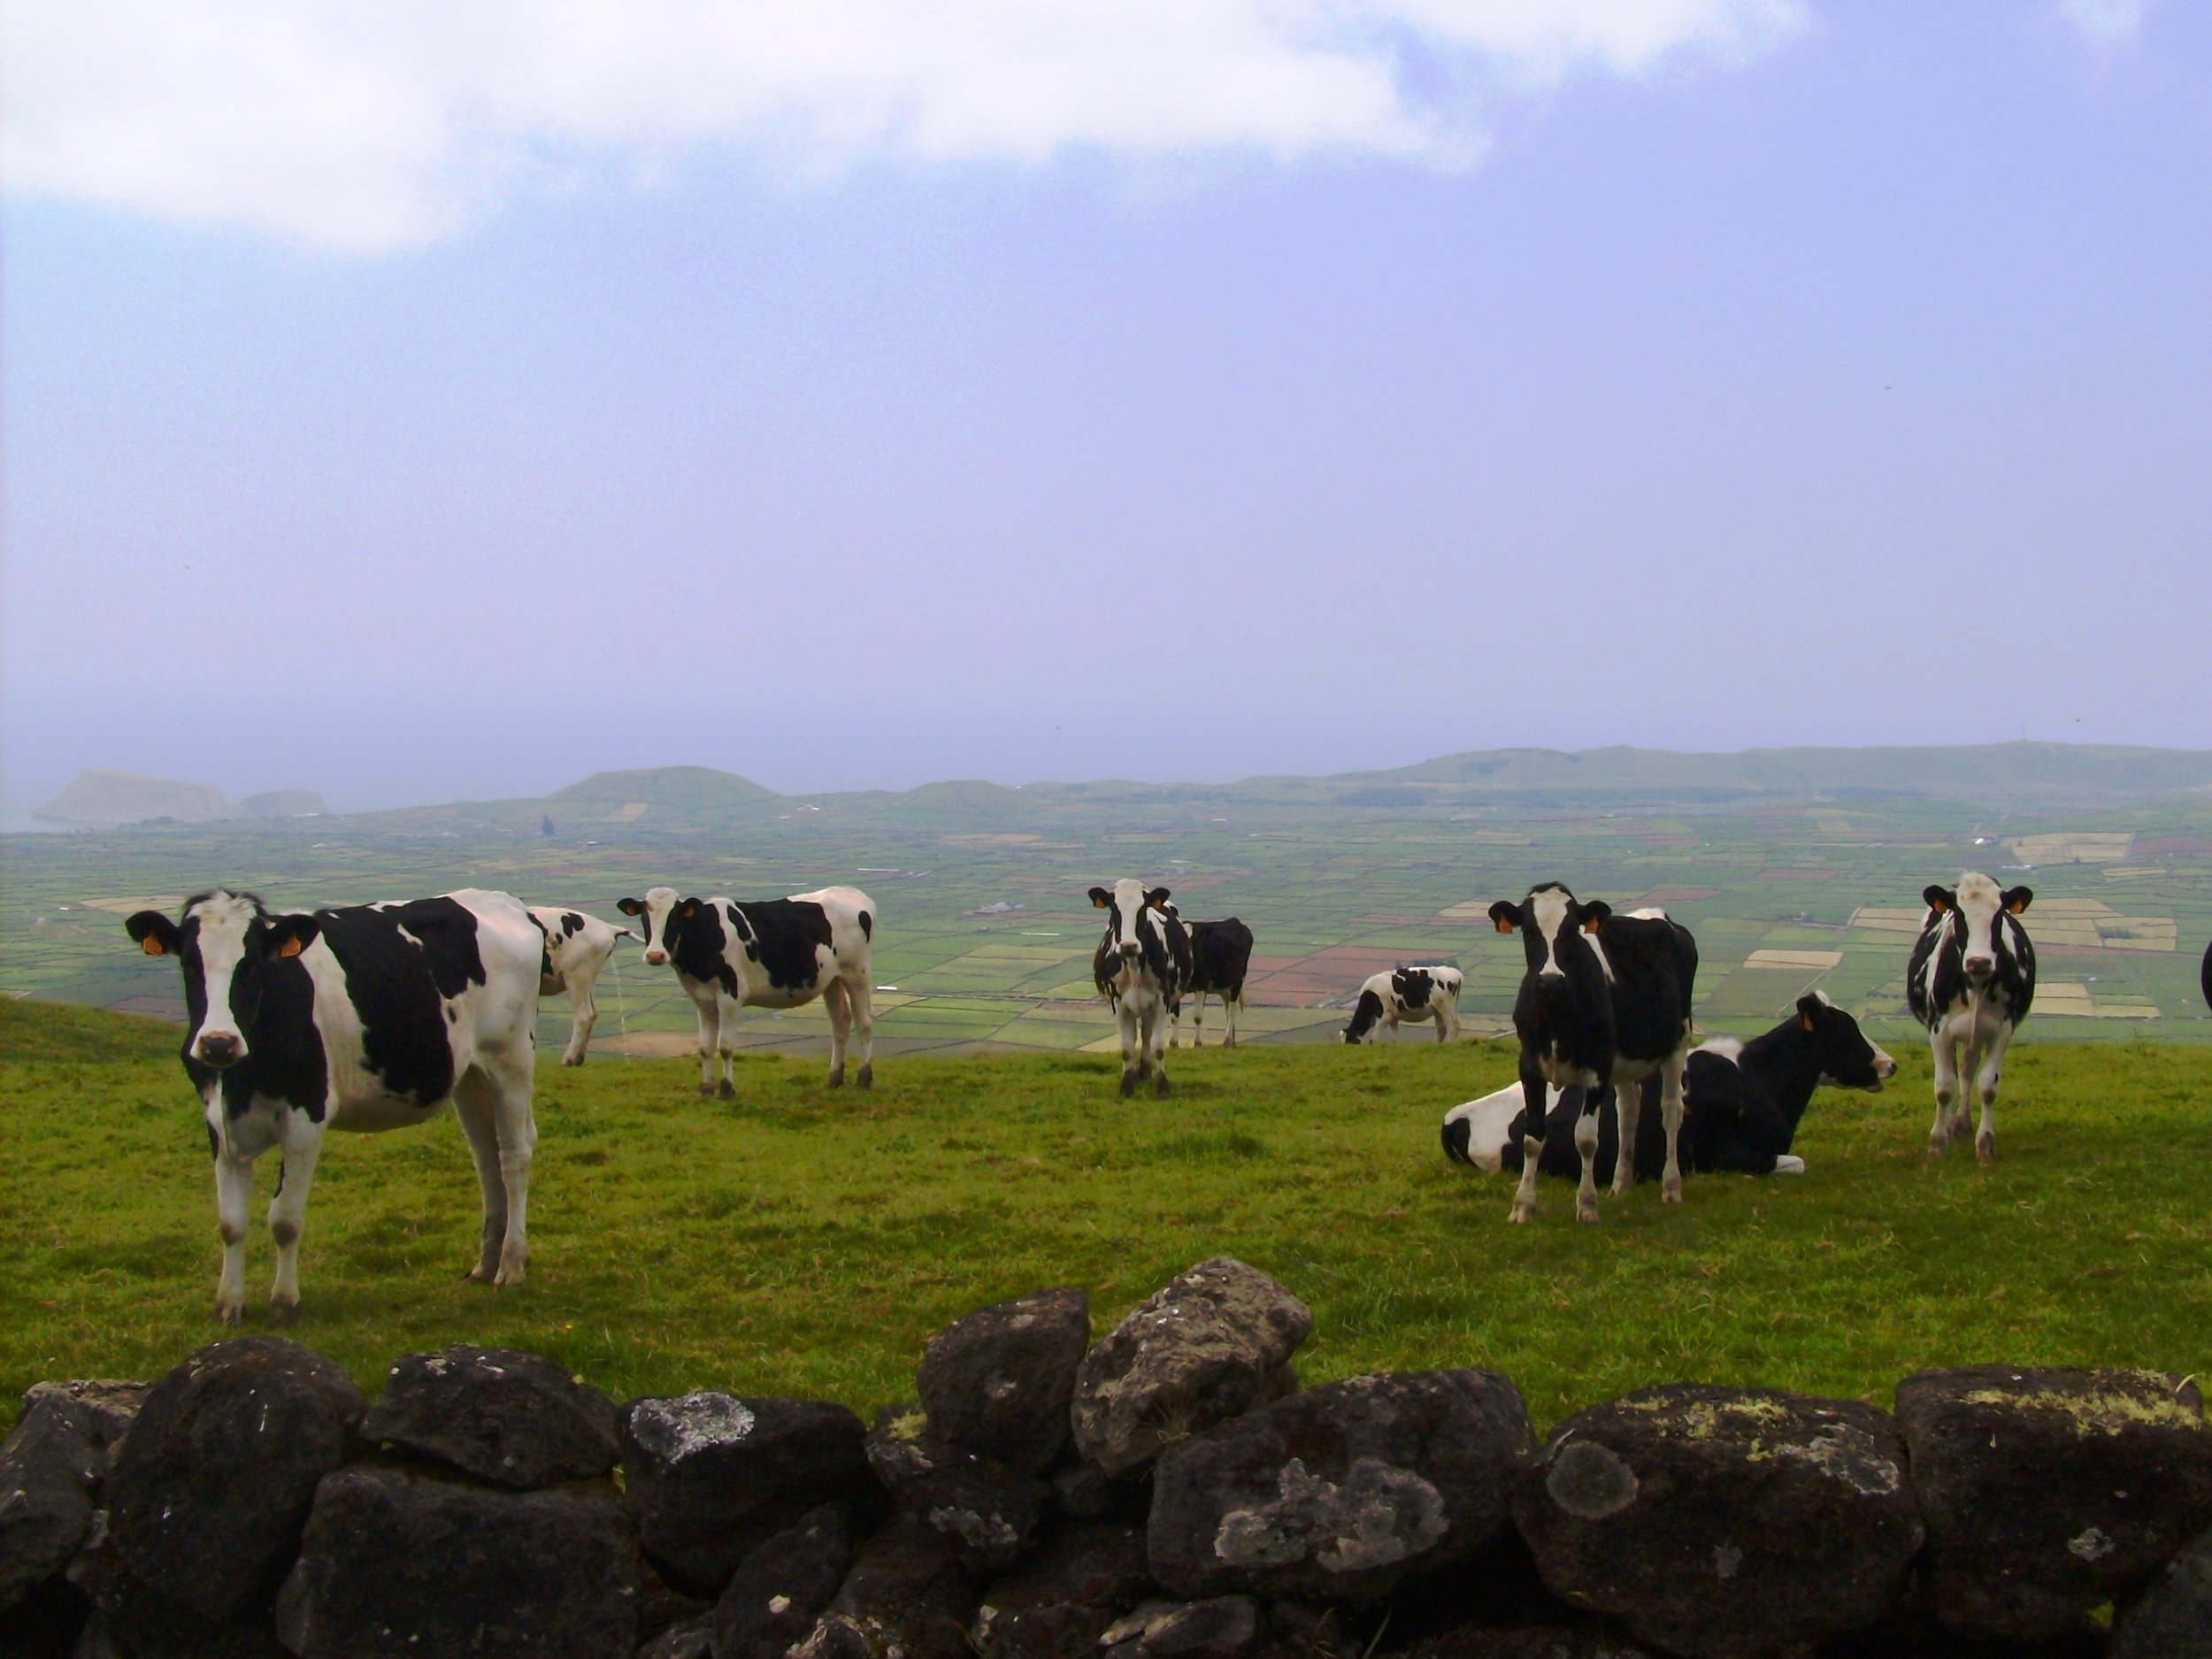 Cows in pasture in Serra do Cume